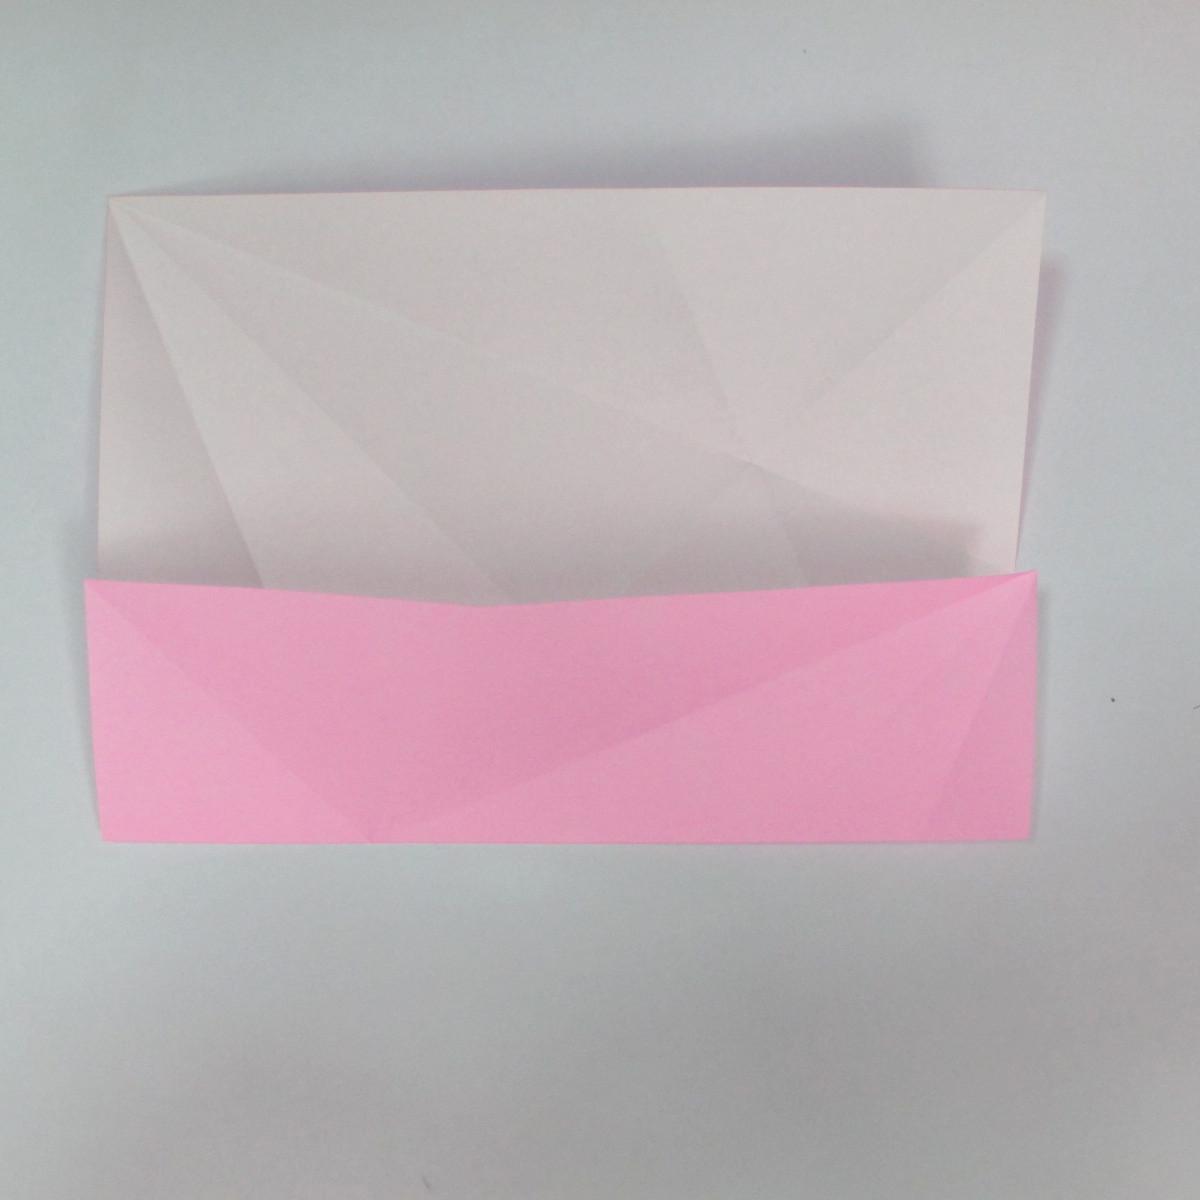 สอนการพับกระดาษเป็นลูกสุนัขชเนาเซอร์ (Origami Schnauzer Puppy) 008